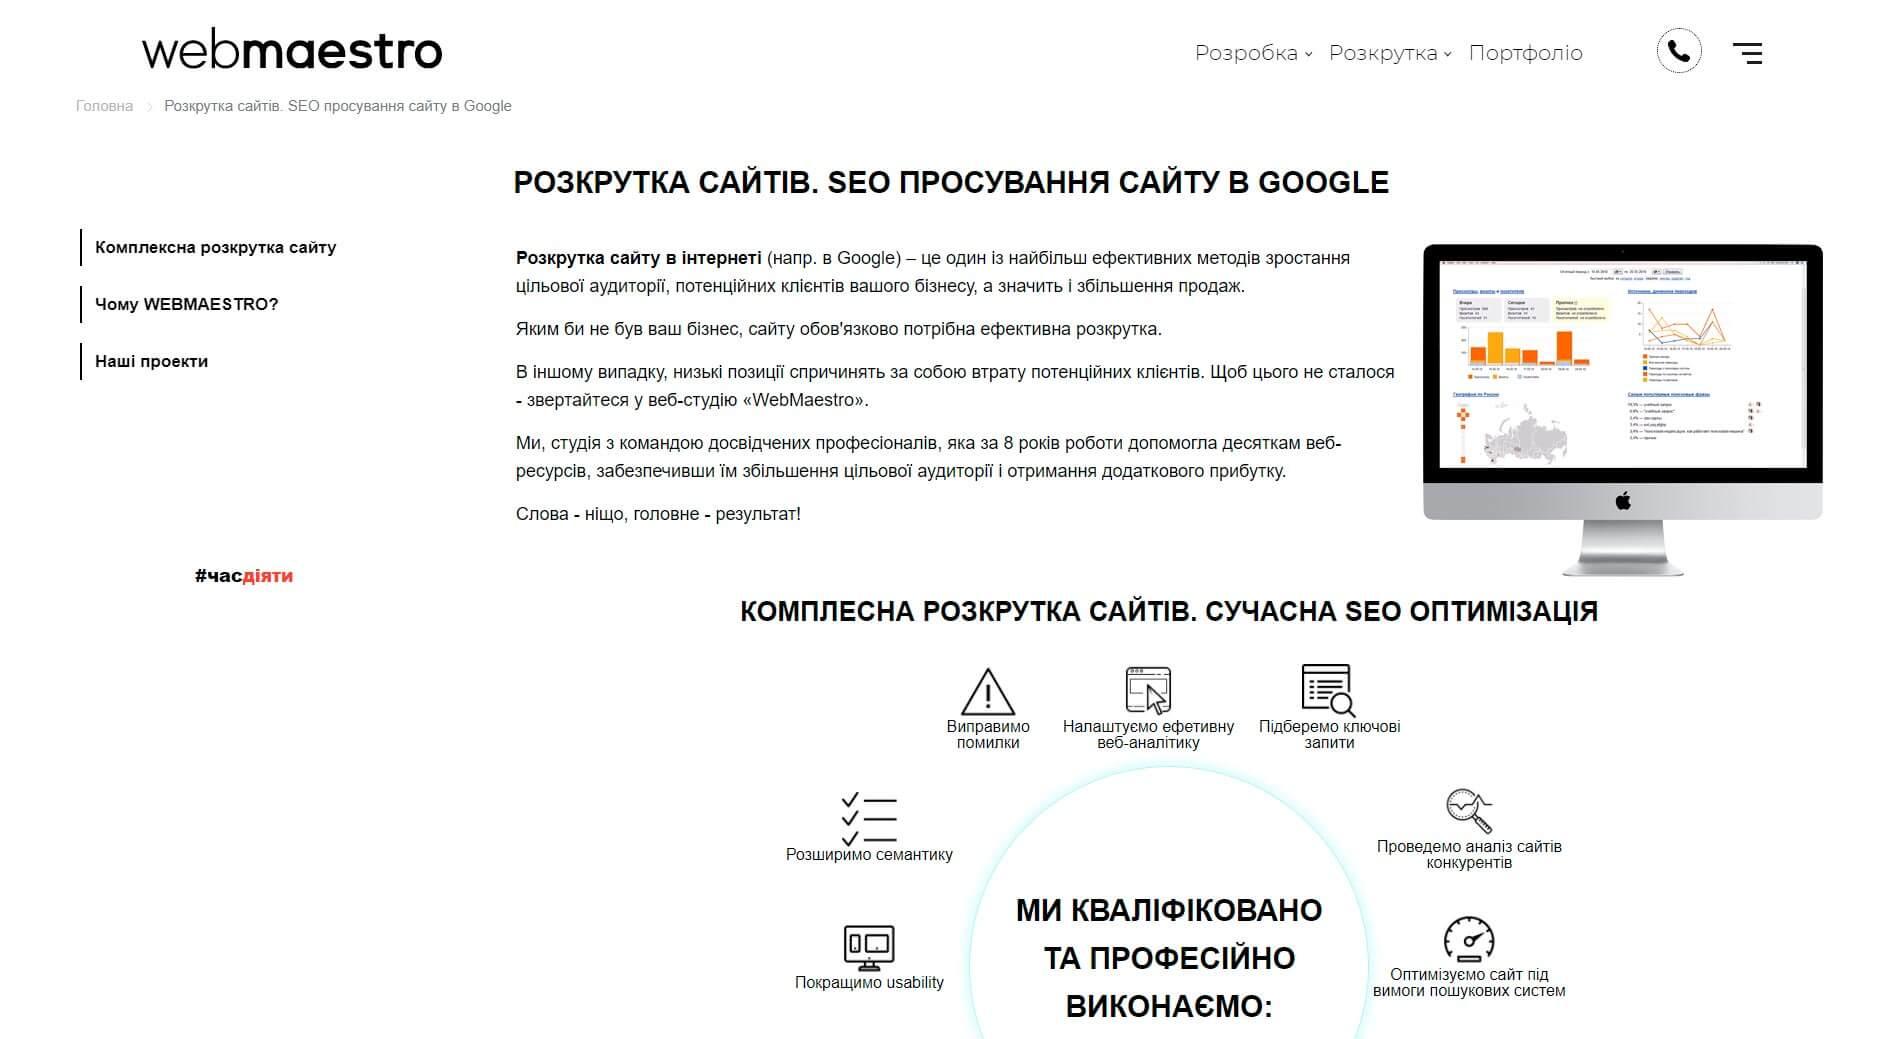 Webmaestro - обзор компании, услуги, отзывы, клиенты, Фото № 2 - google-seo.pro